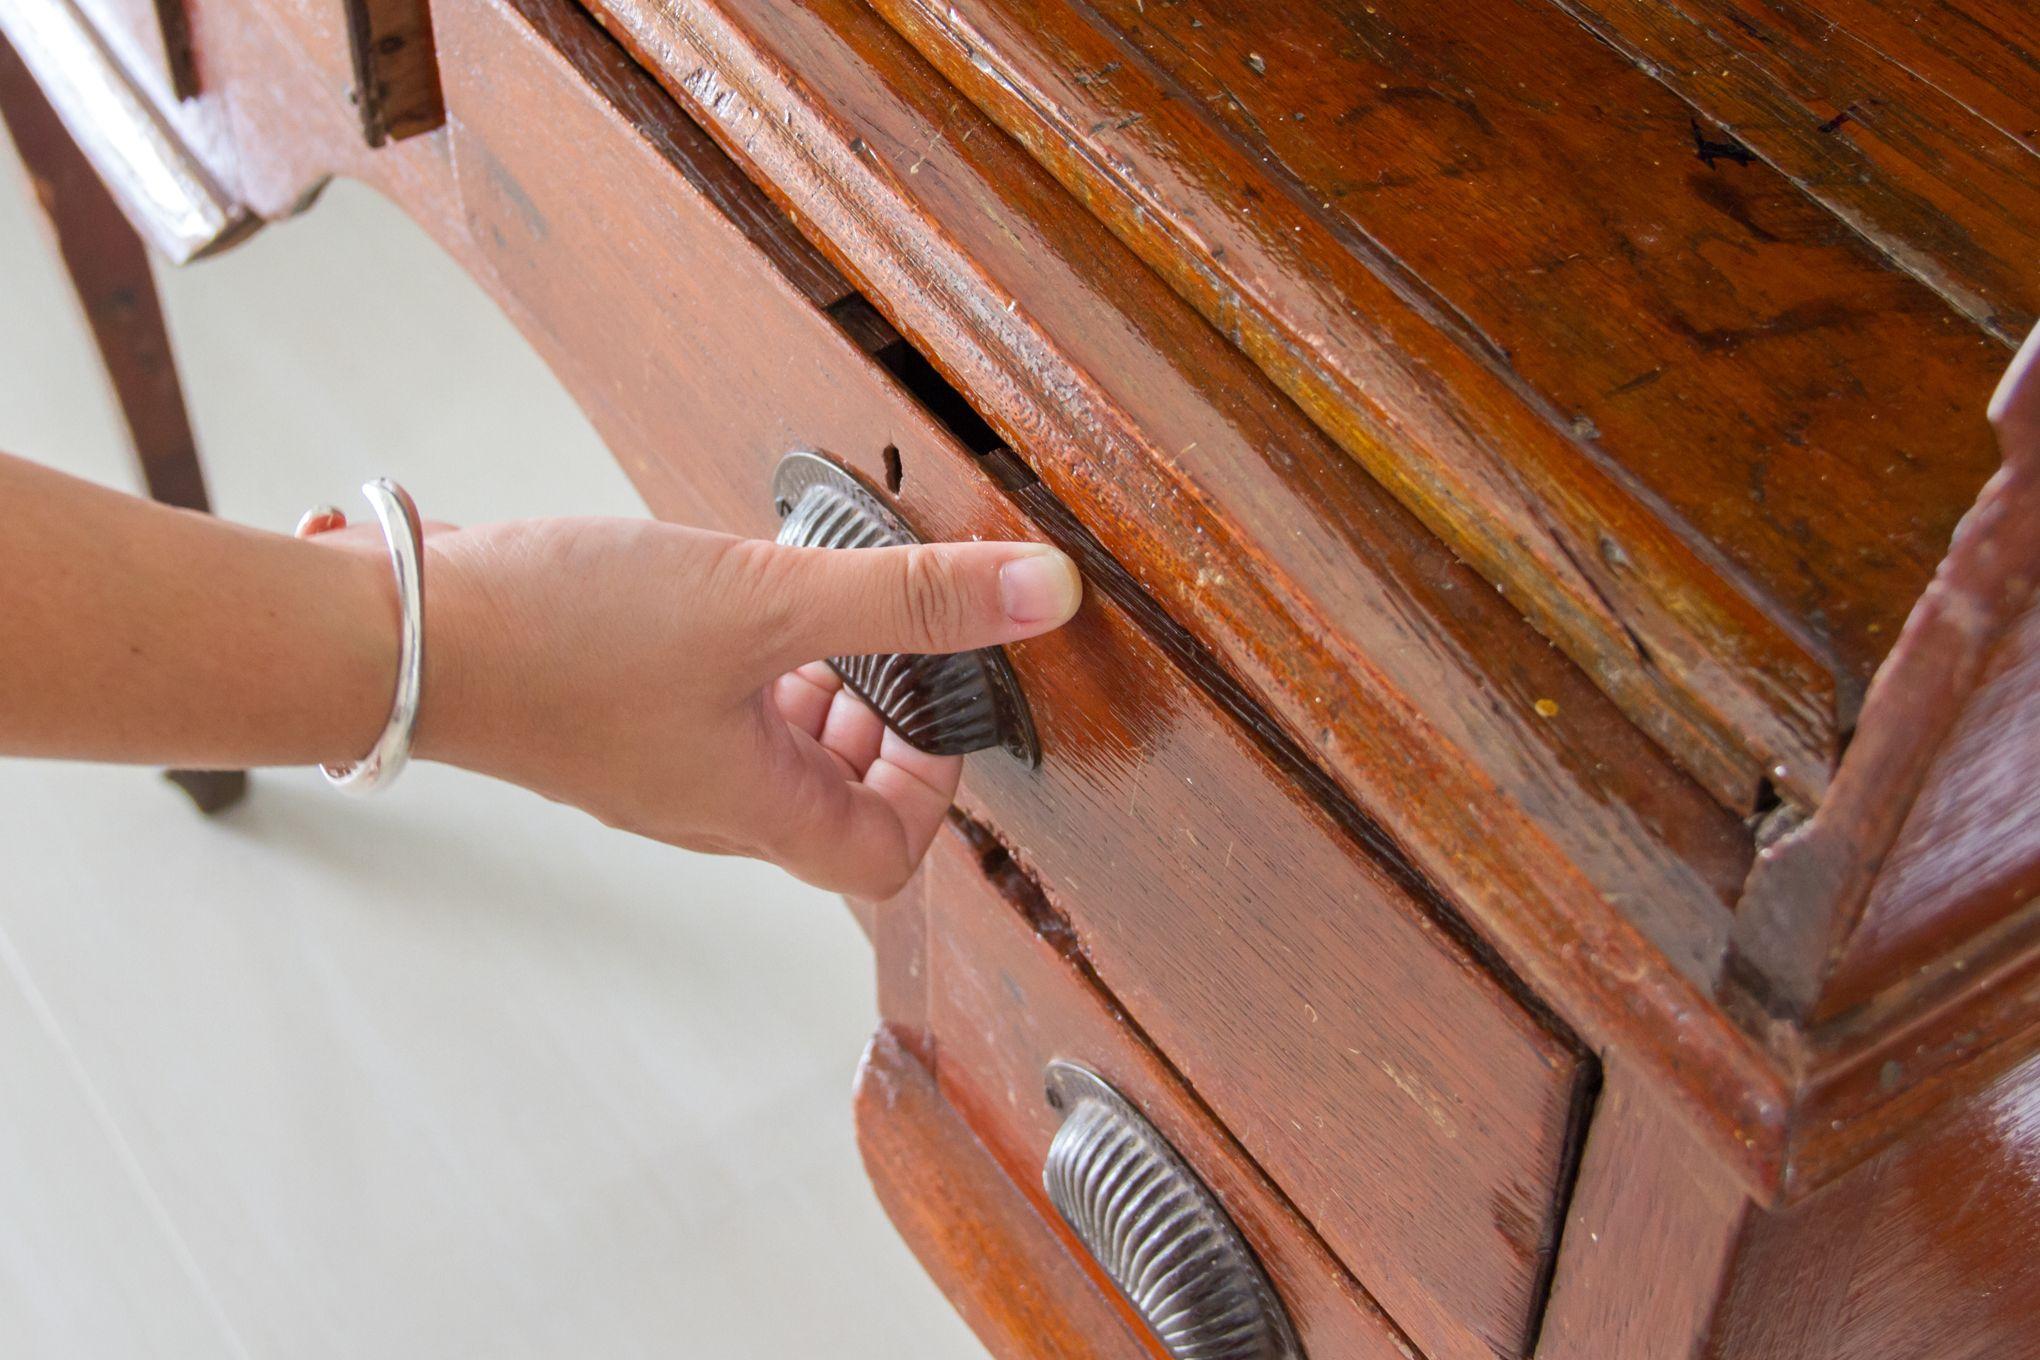 En cas de divorce, il faut prouver que les meubles sont les siens